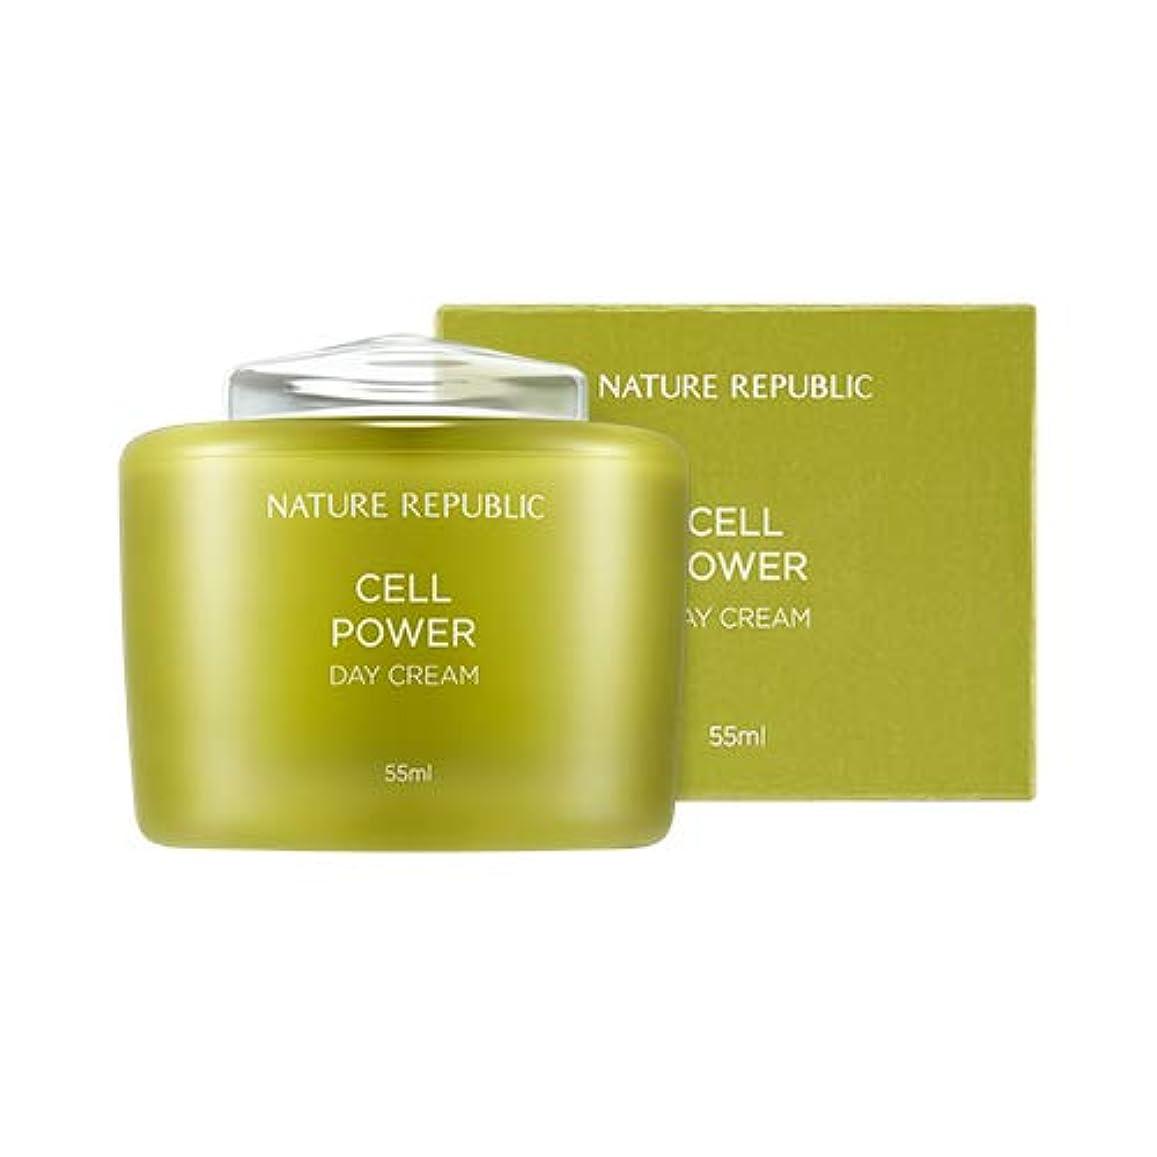 ヘロインリンク山岳NATURE REPUBLIC Cell Power Day Cream/ネイチャーリパブリック セルパワー デイクリーム 55ml [並行輸入品]